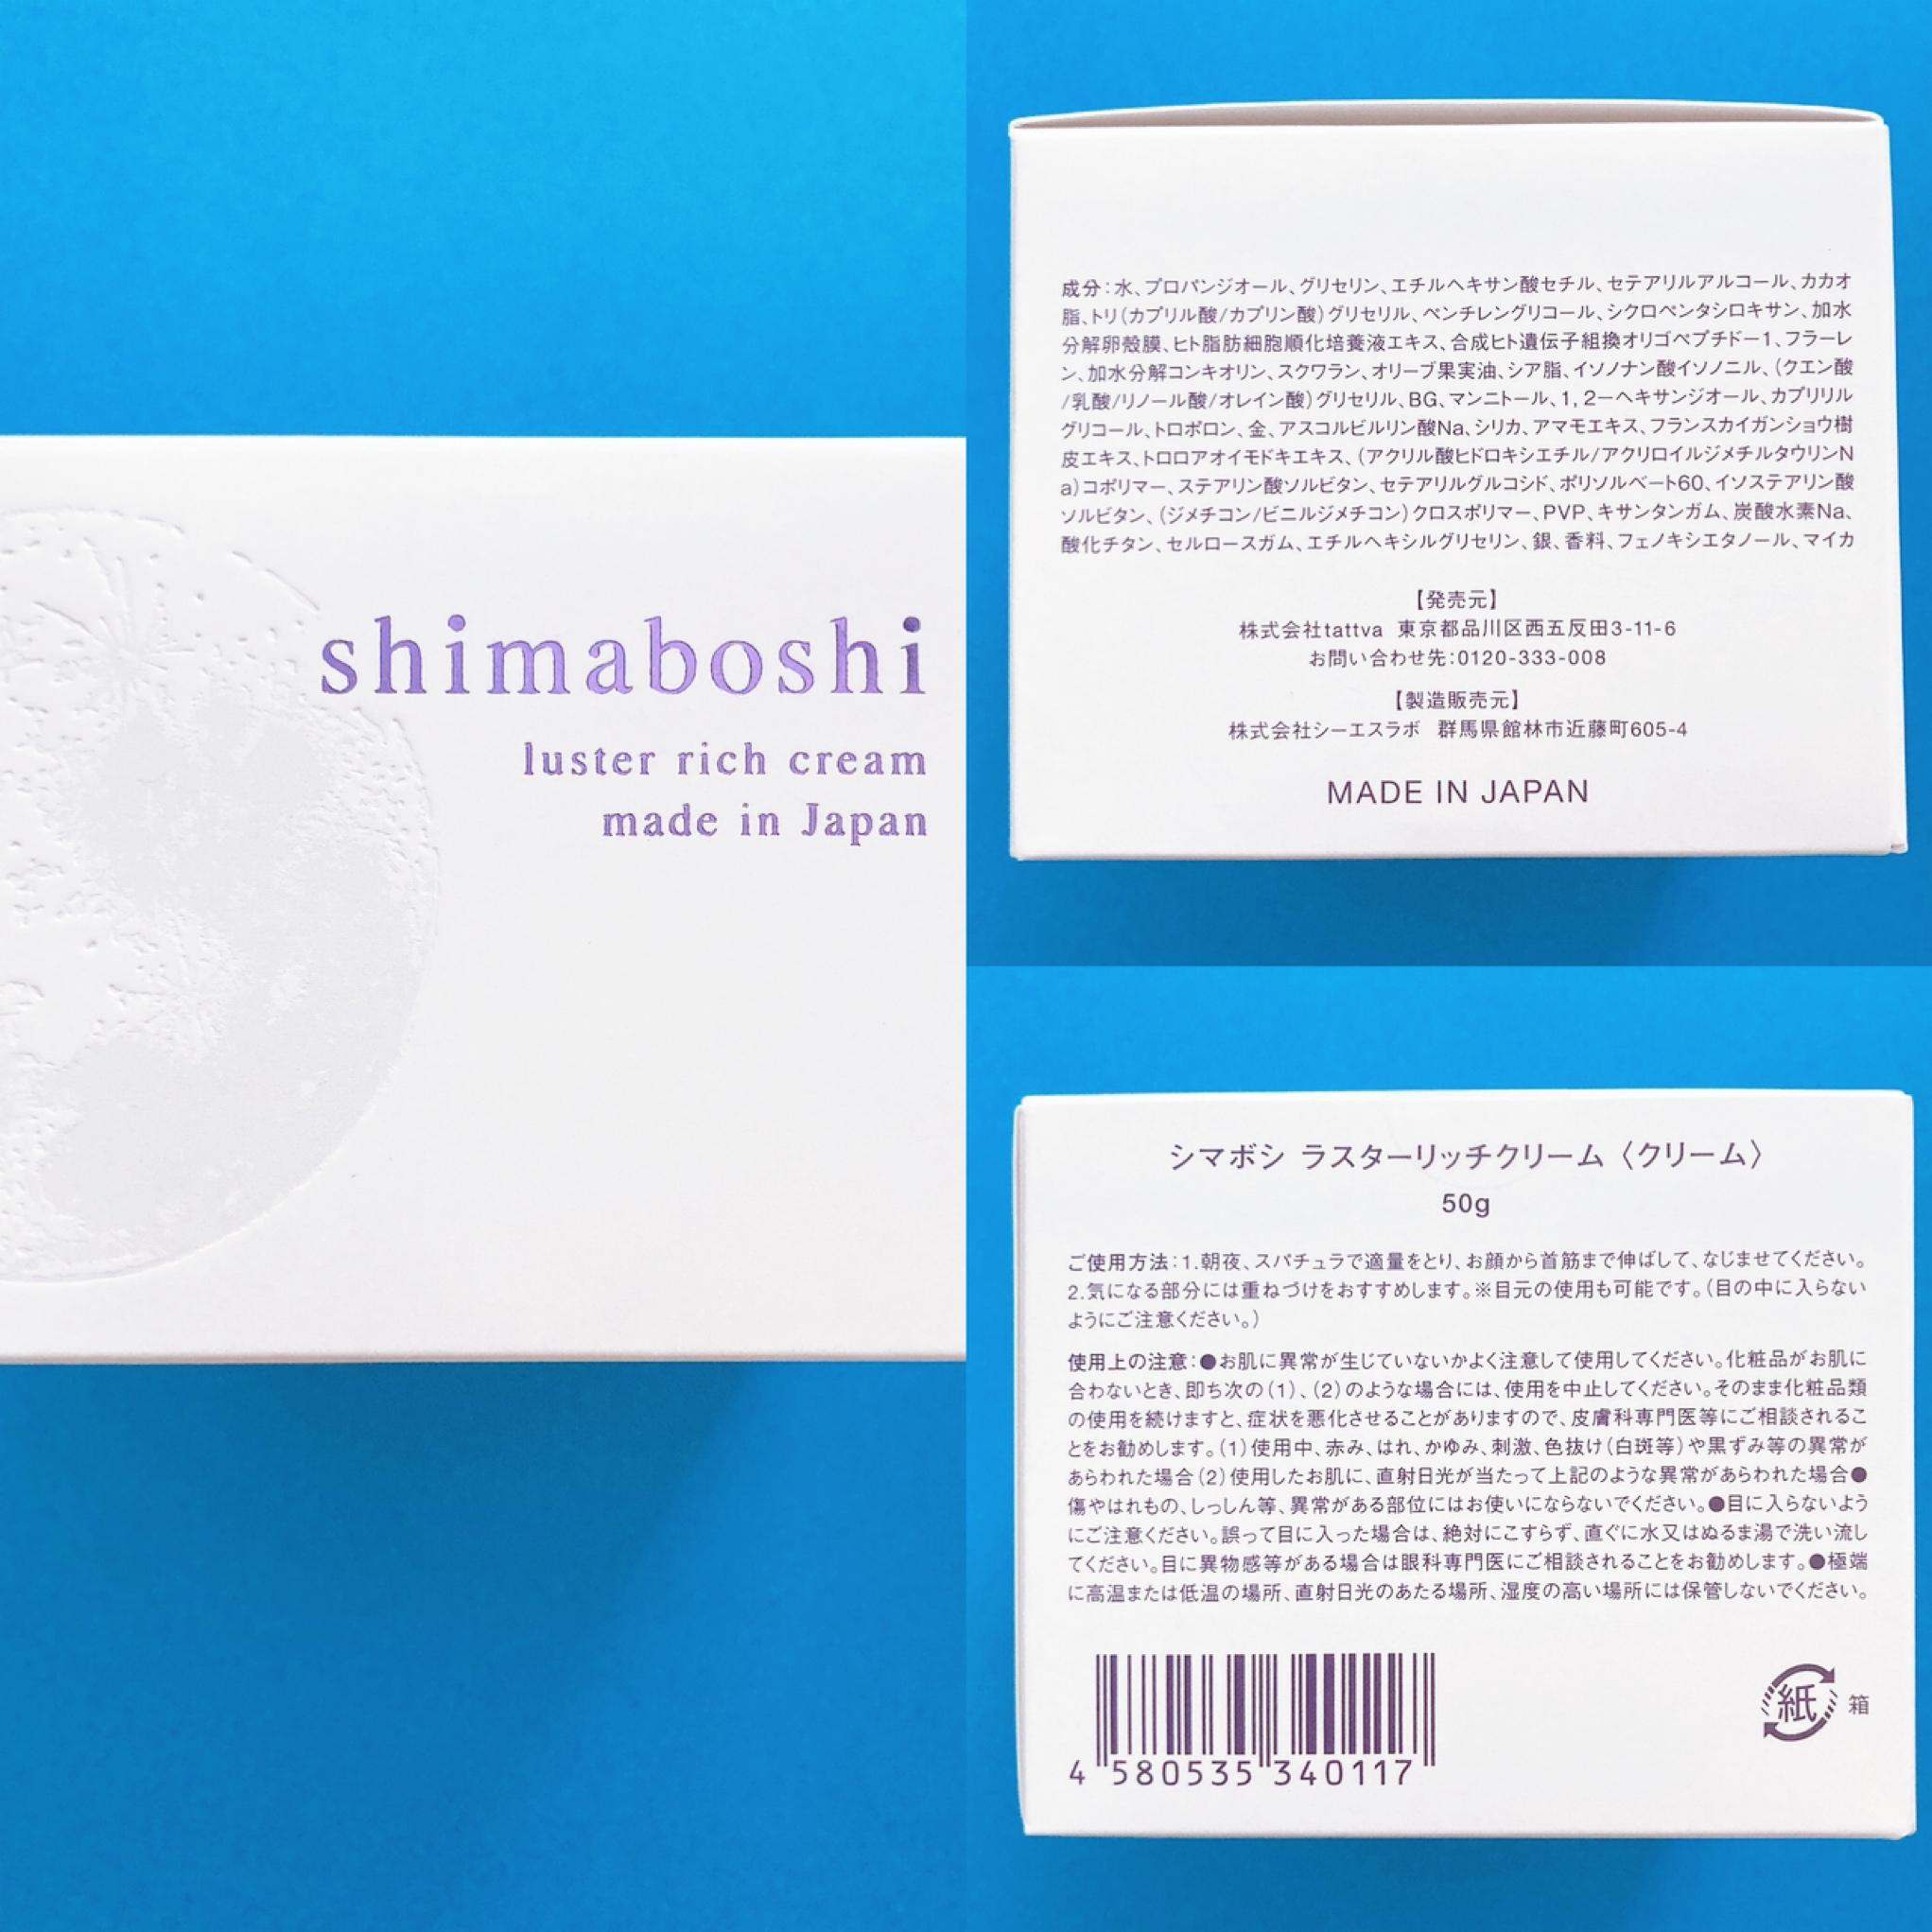 shimaboshi(シマボシ) ラスターリッチクリームの良い点・メリットに関するyunaさんの口コミ画像2